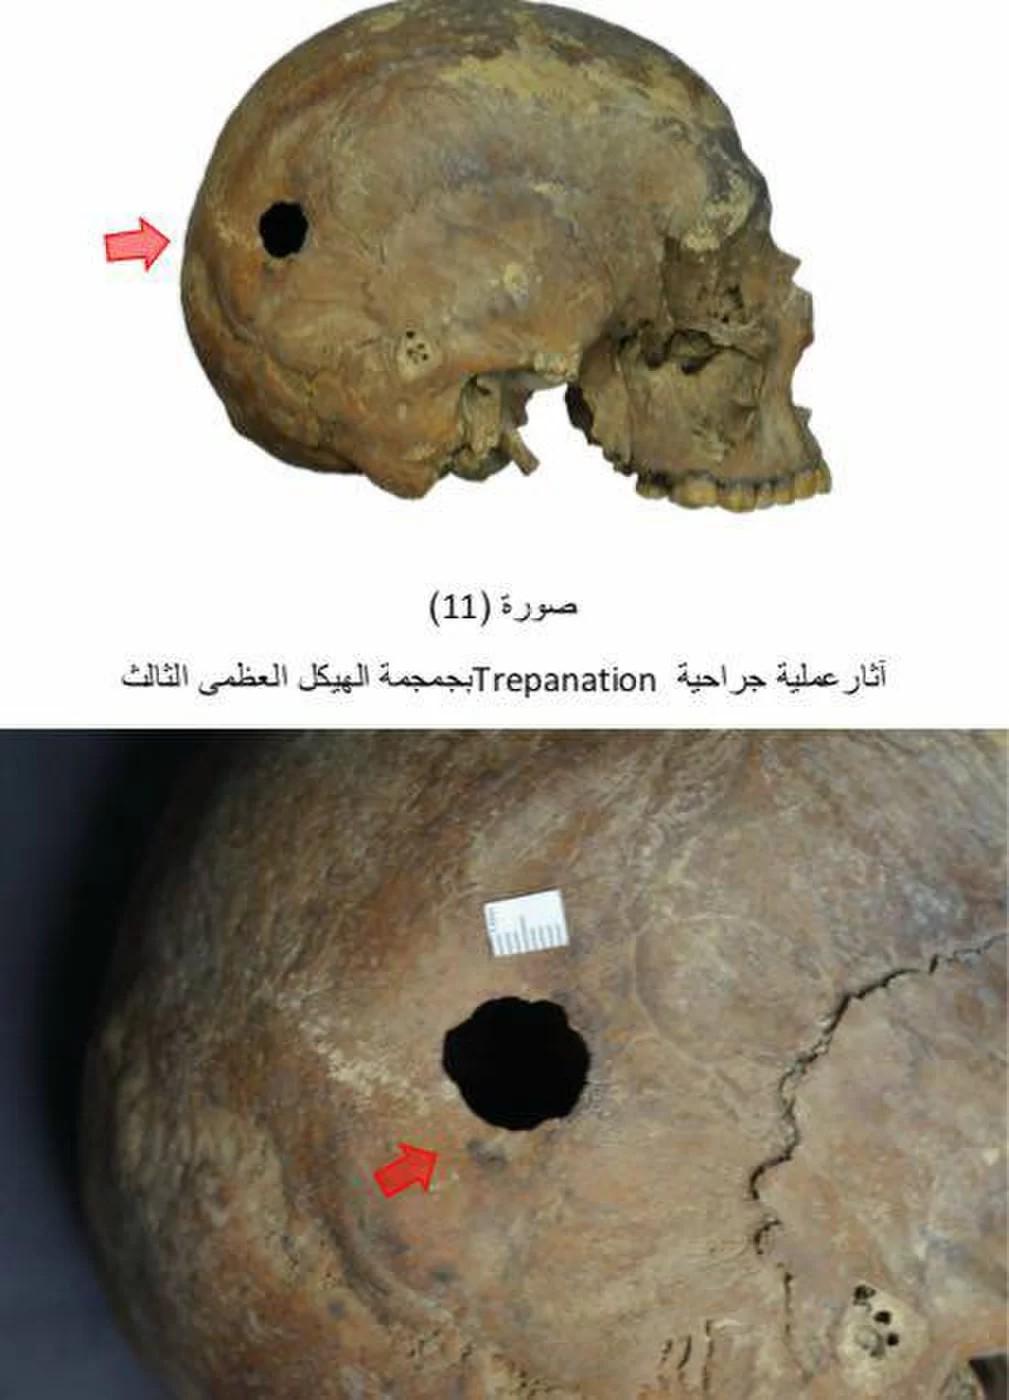 Esqueleto teria passado por trepanação, segundo arqueólogos (Foto: Ministério de Antiguidades do Egito)